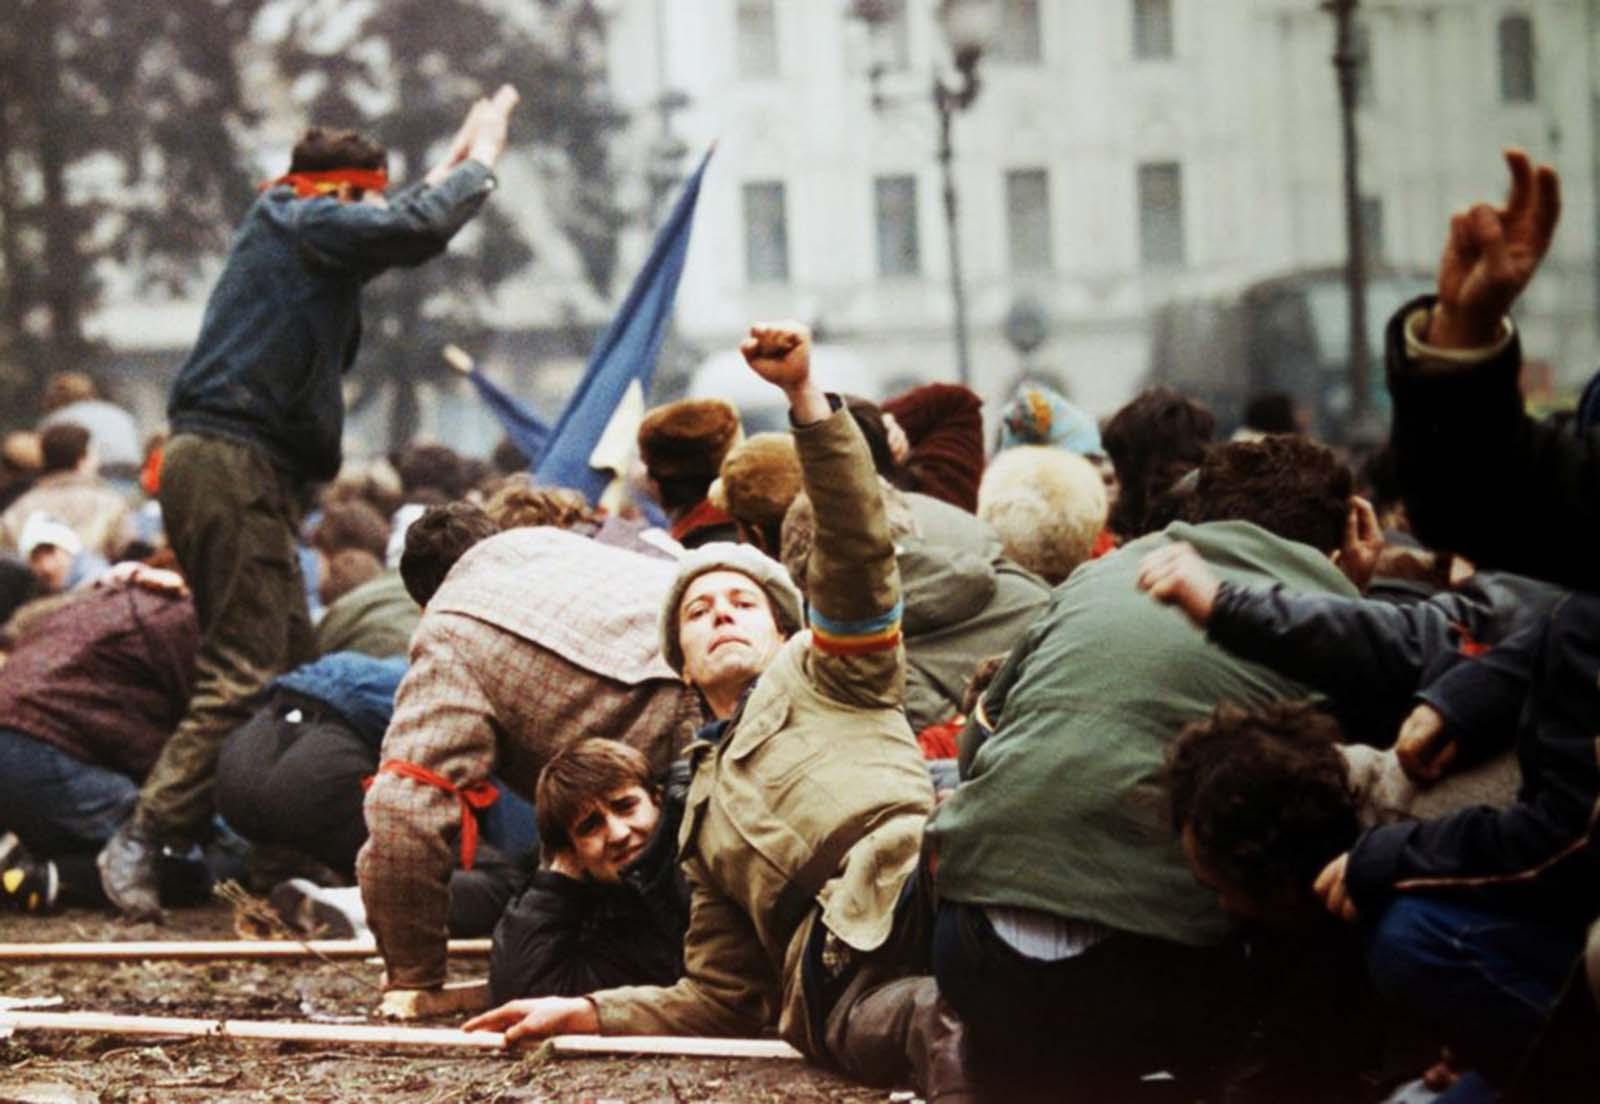 Revolutia 1989 - Mai bine de 30 ani de democratie